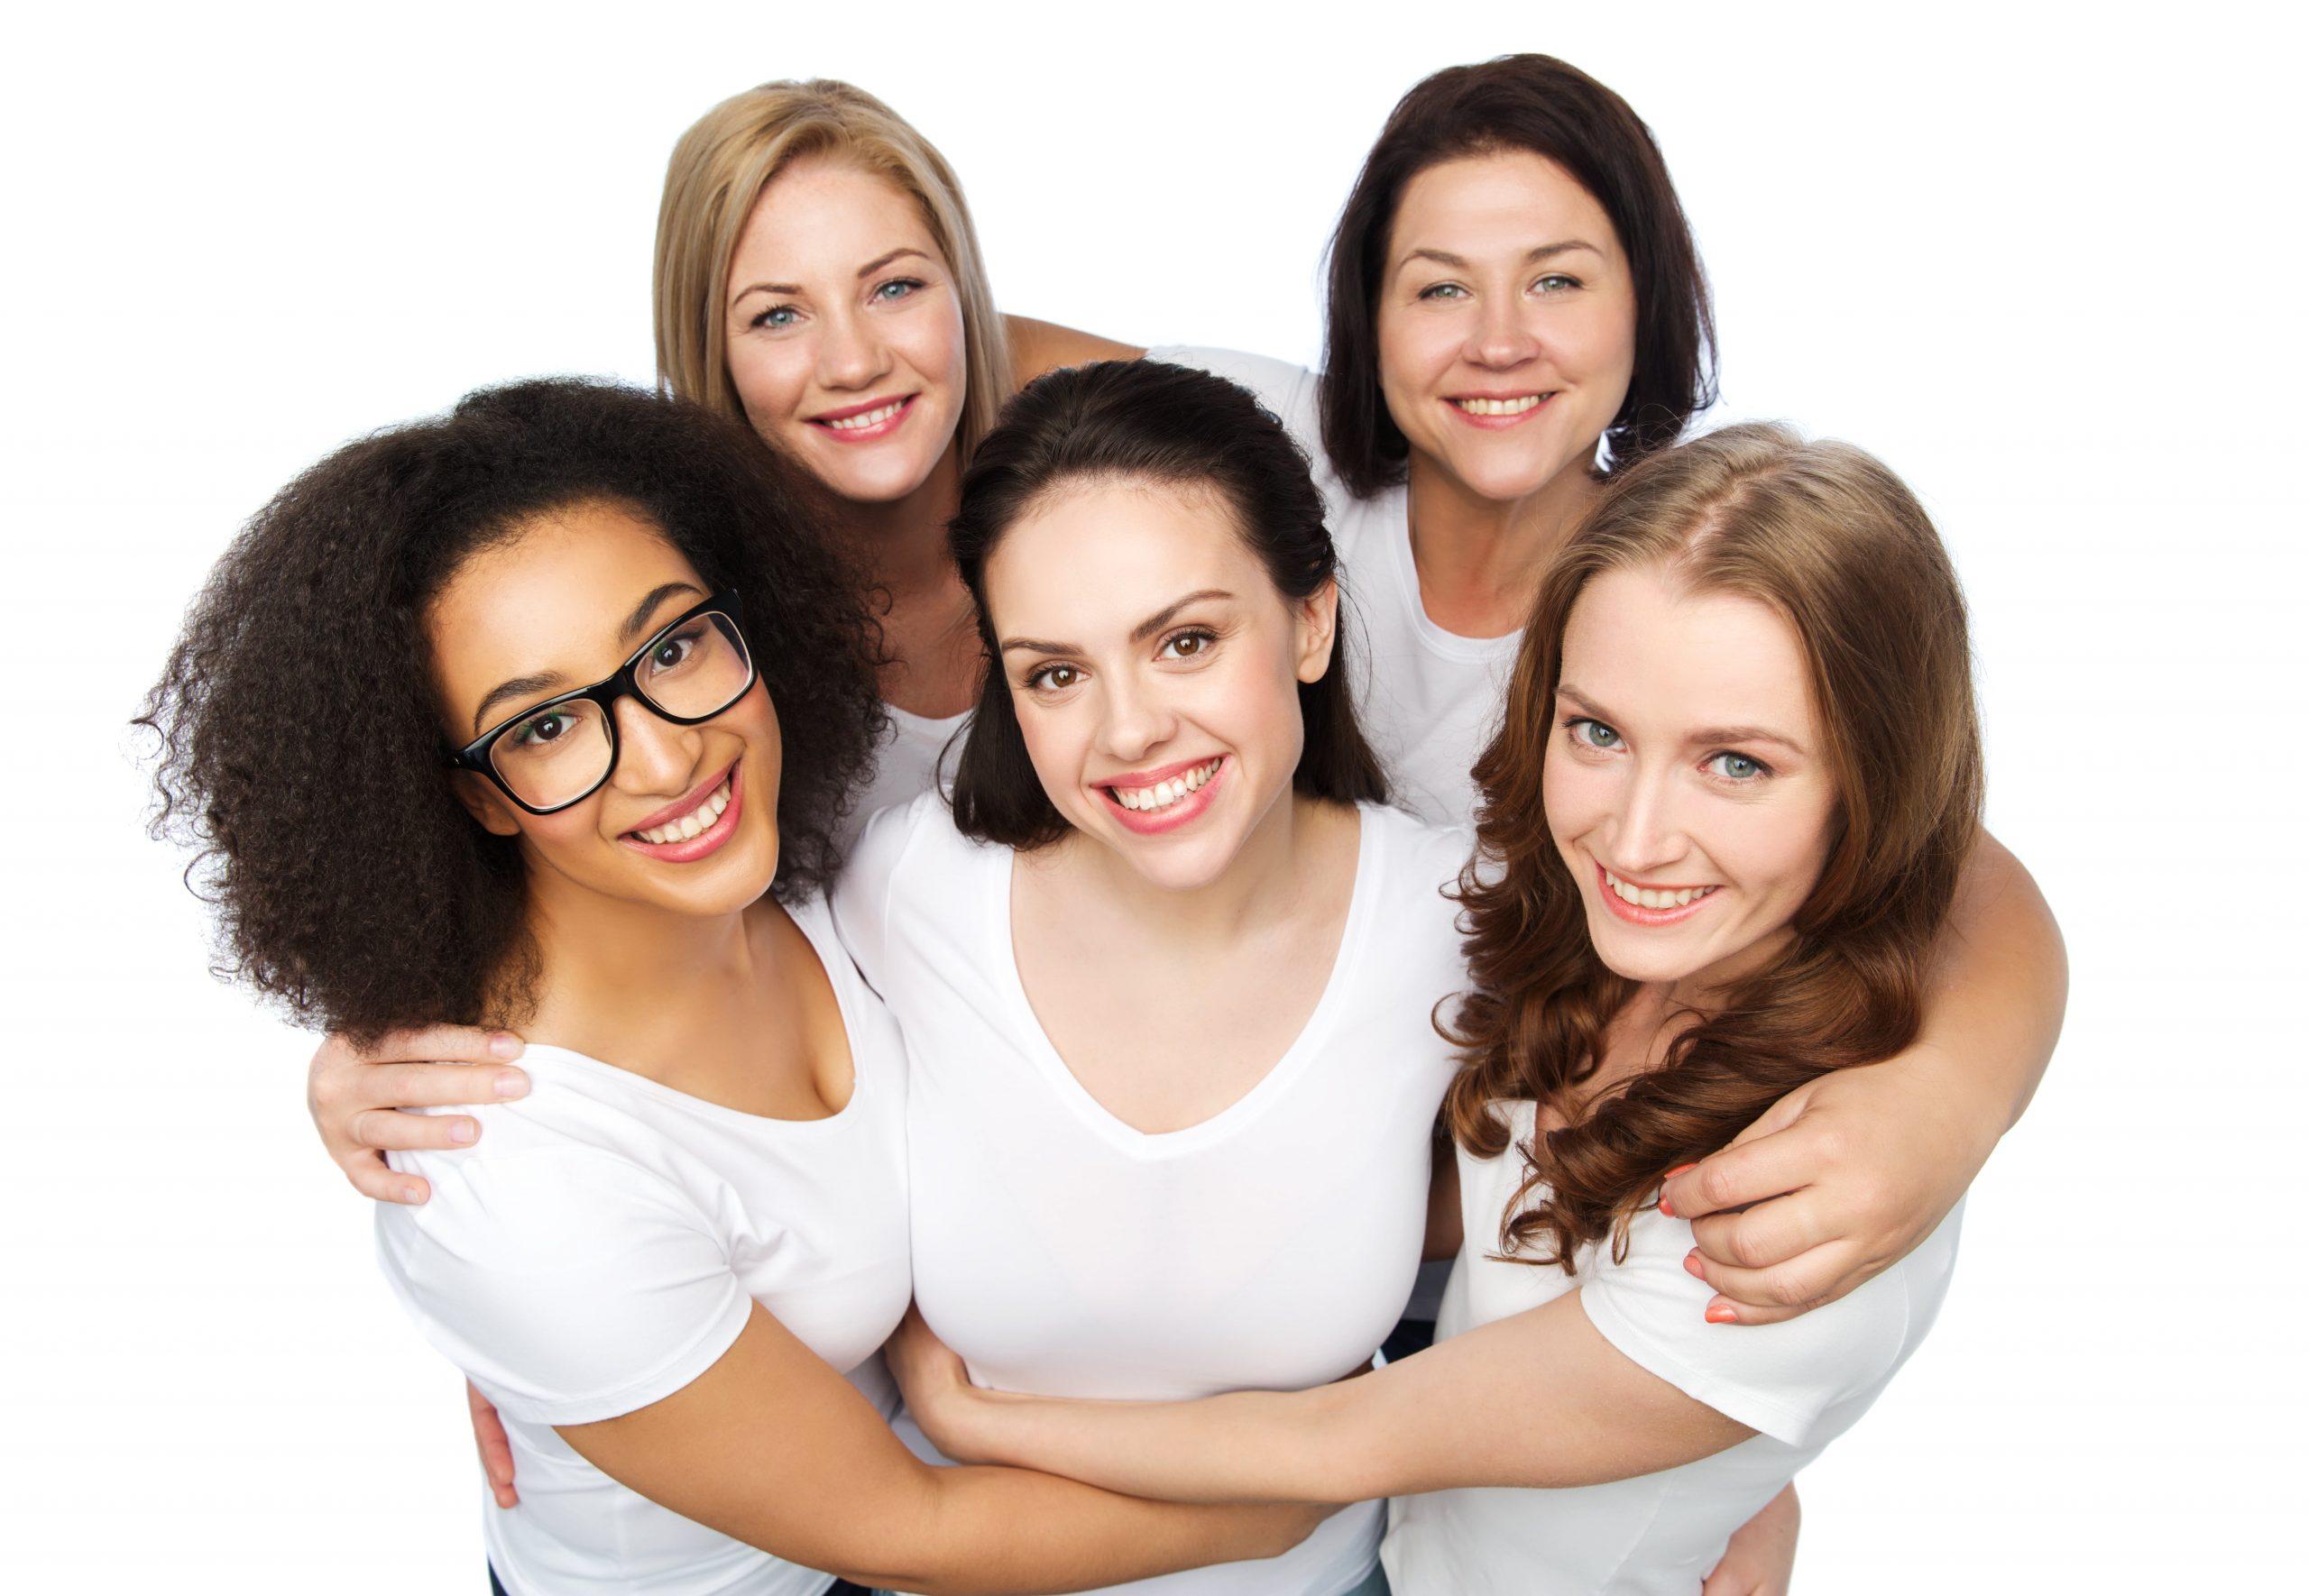 Produkcja kosmetyków selektywnych luksusowych i marek premium - najwyższej jakości kosmetyki pielęgnacyjne kontraktowy producent kosmetyków, private label, kosmetyki na zlecenie ioc producent kosmetykow 416368471 scaled